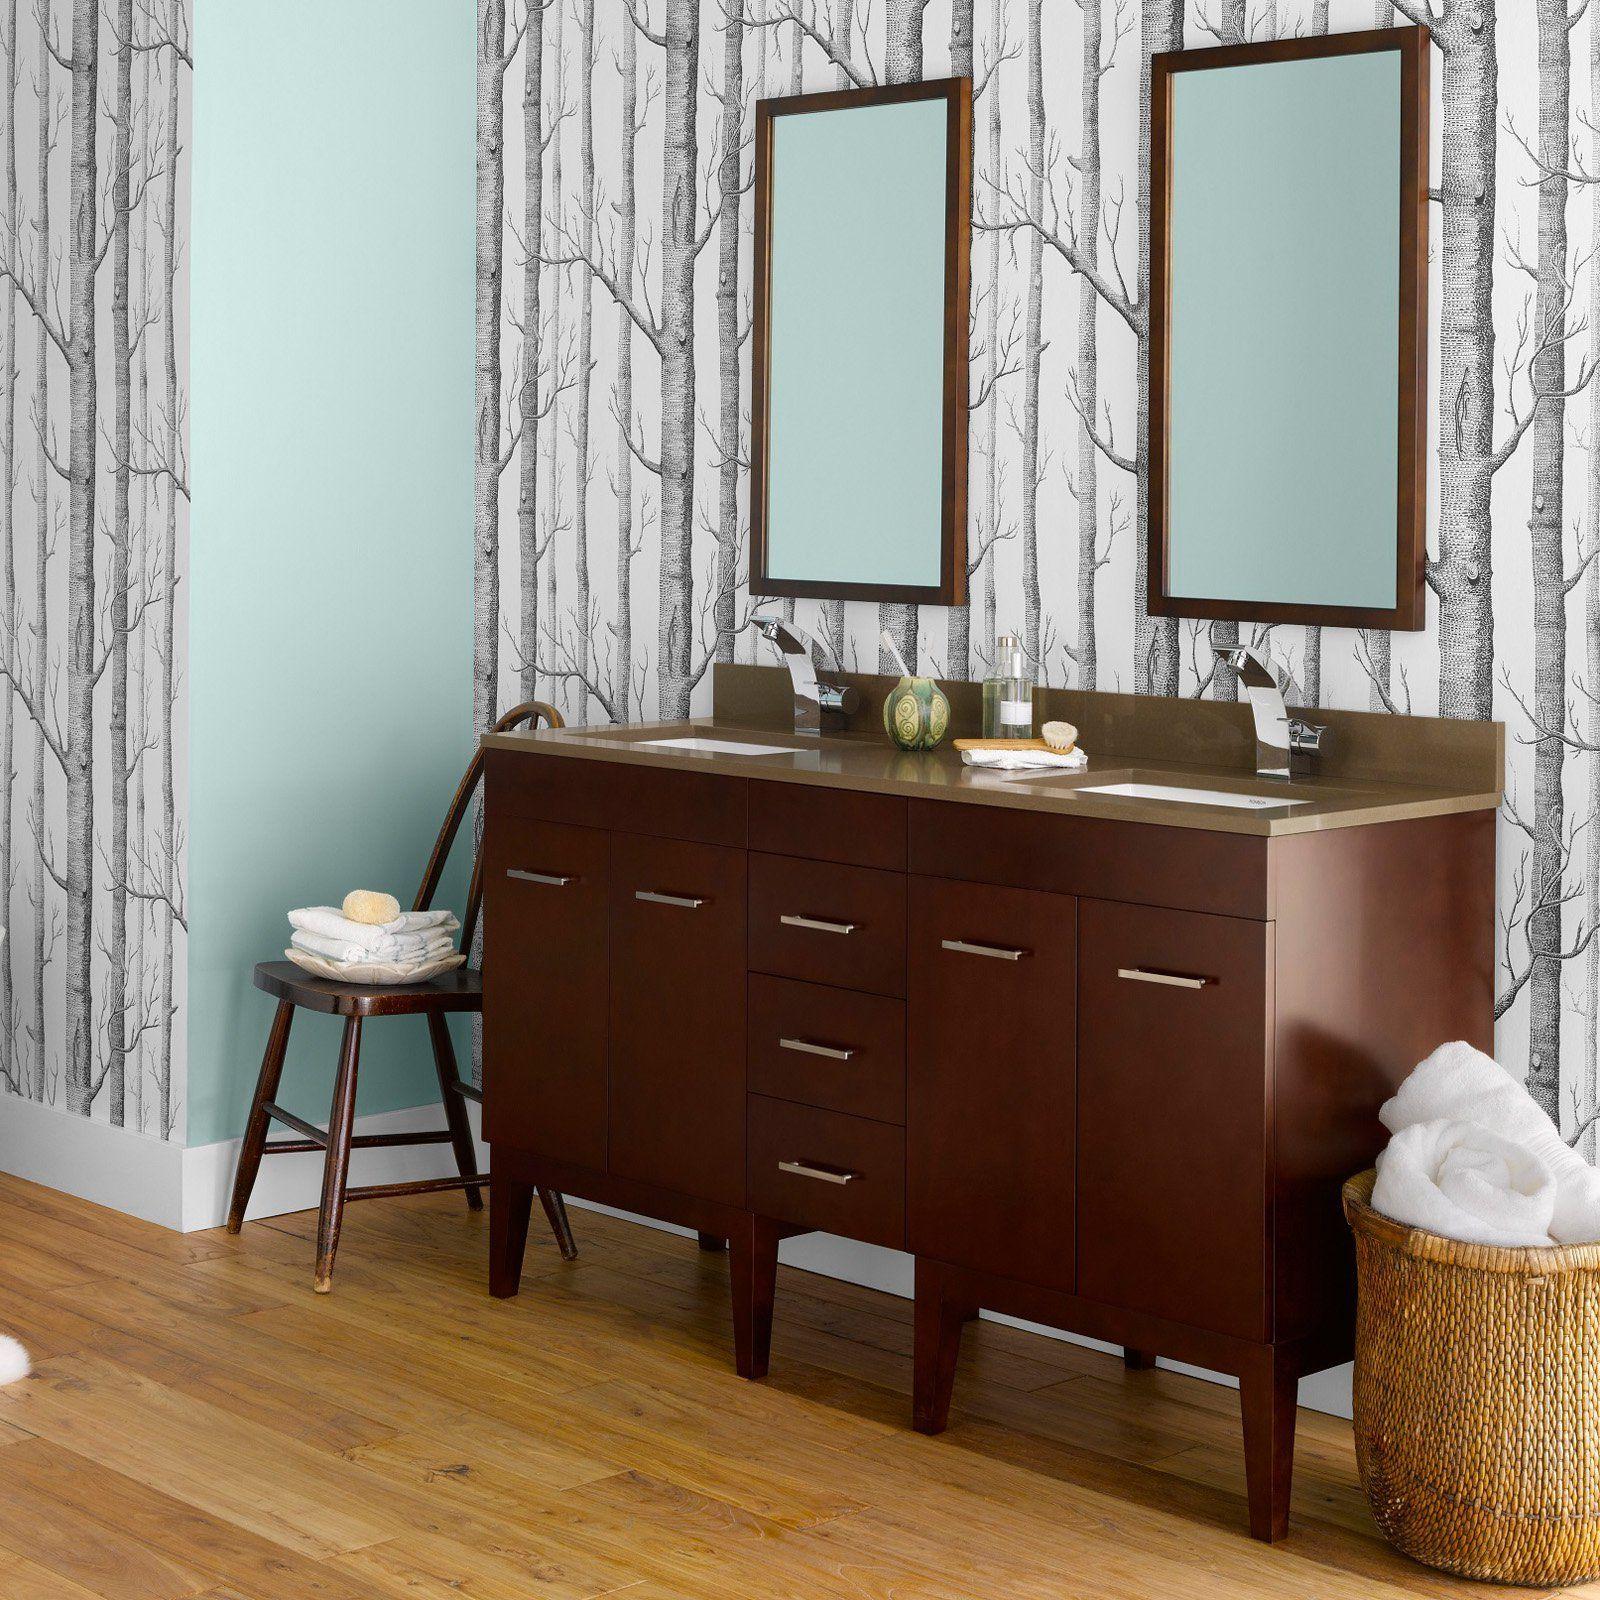 Ronbow 0370237 Venus 59 in. Double Bathroom Vanity Set